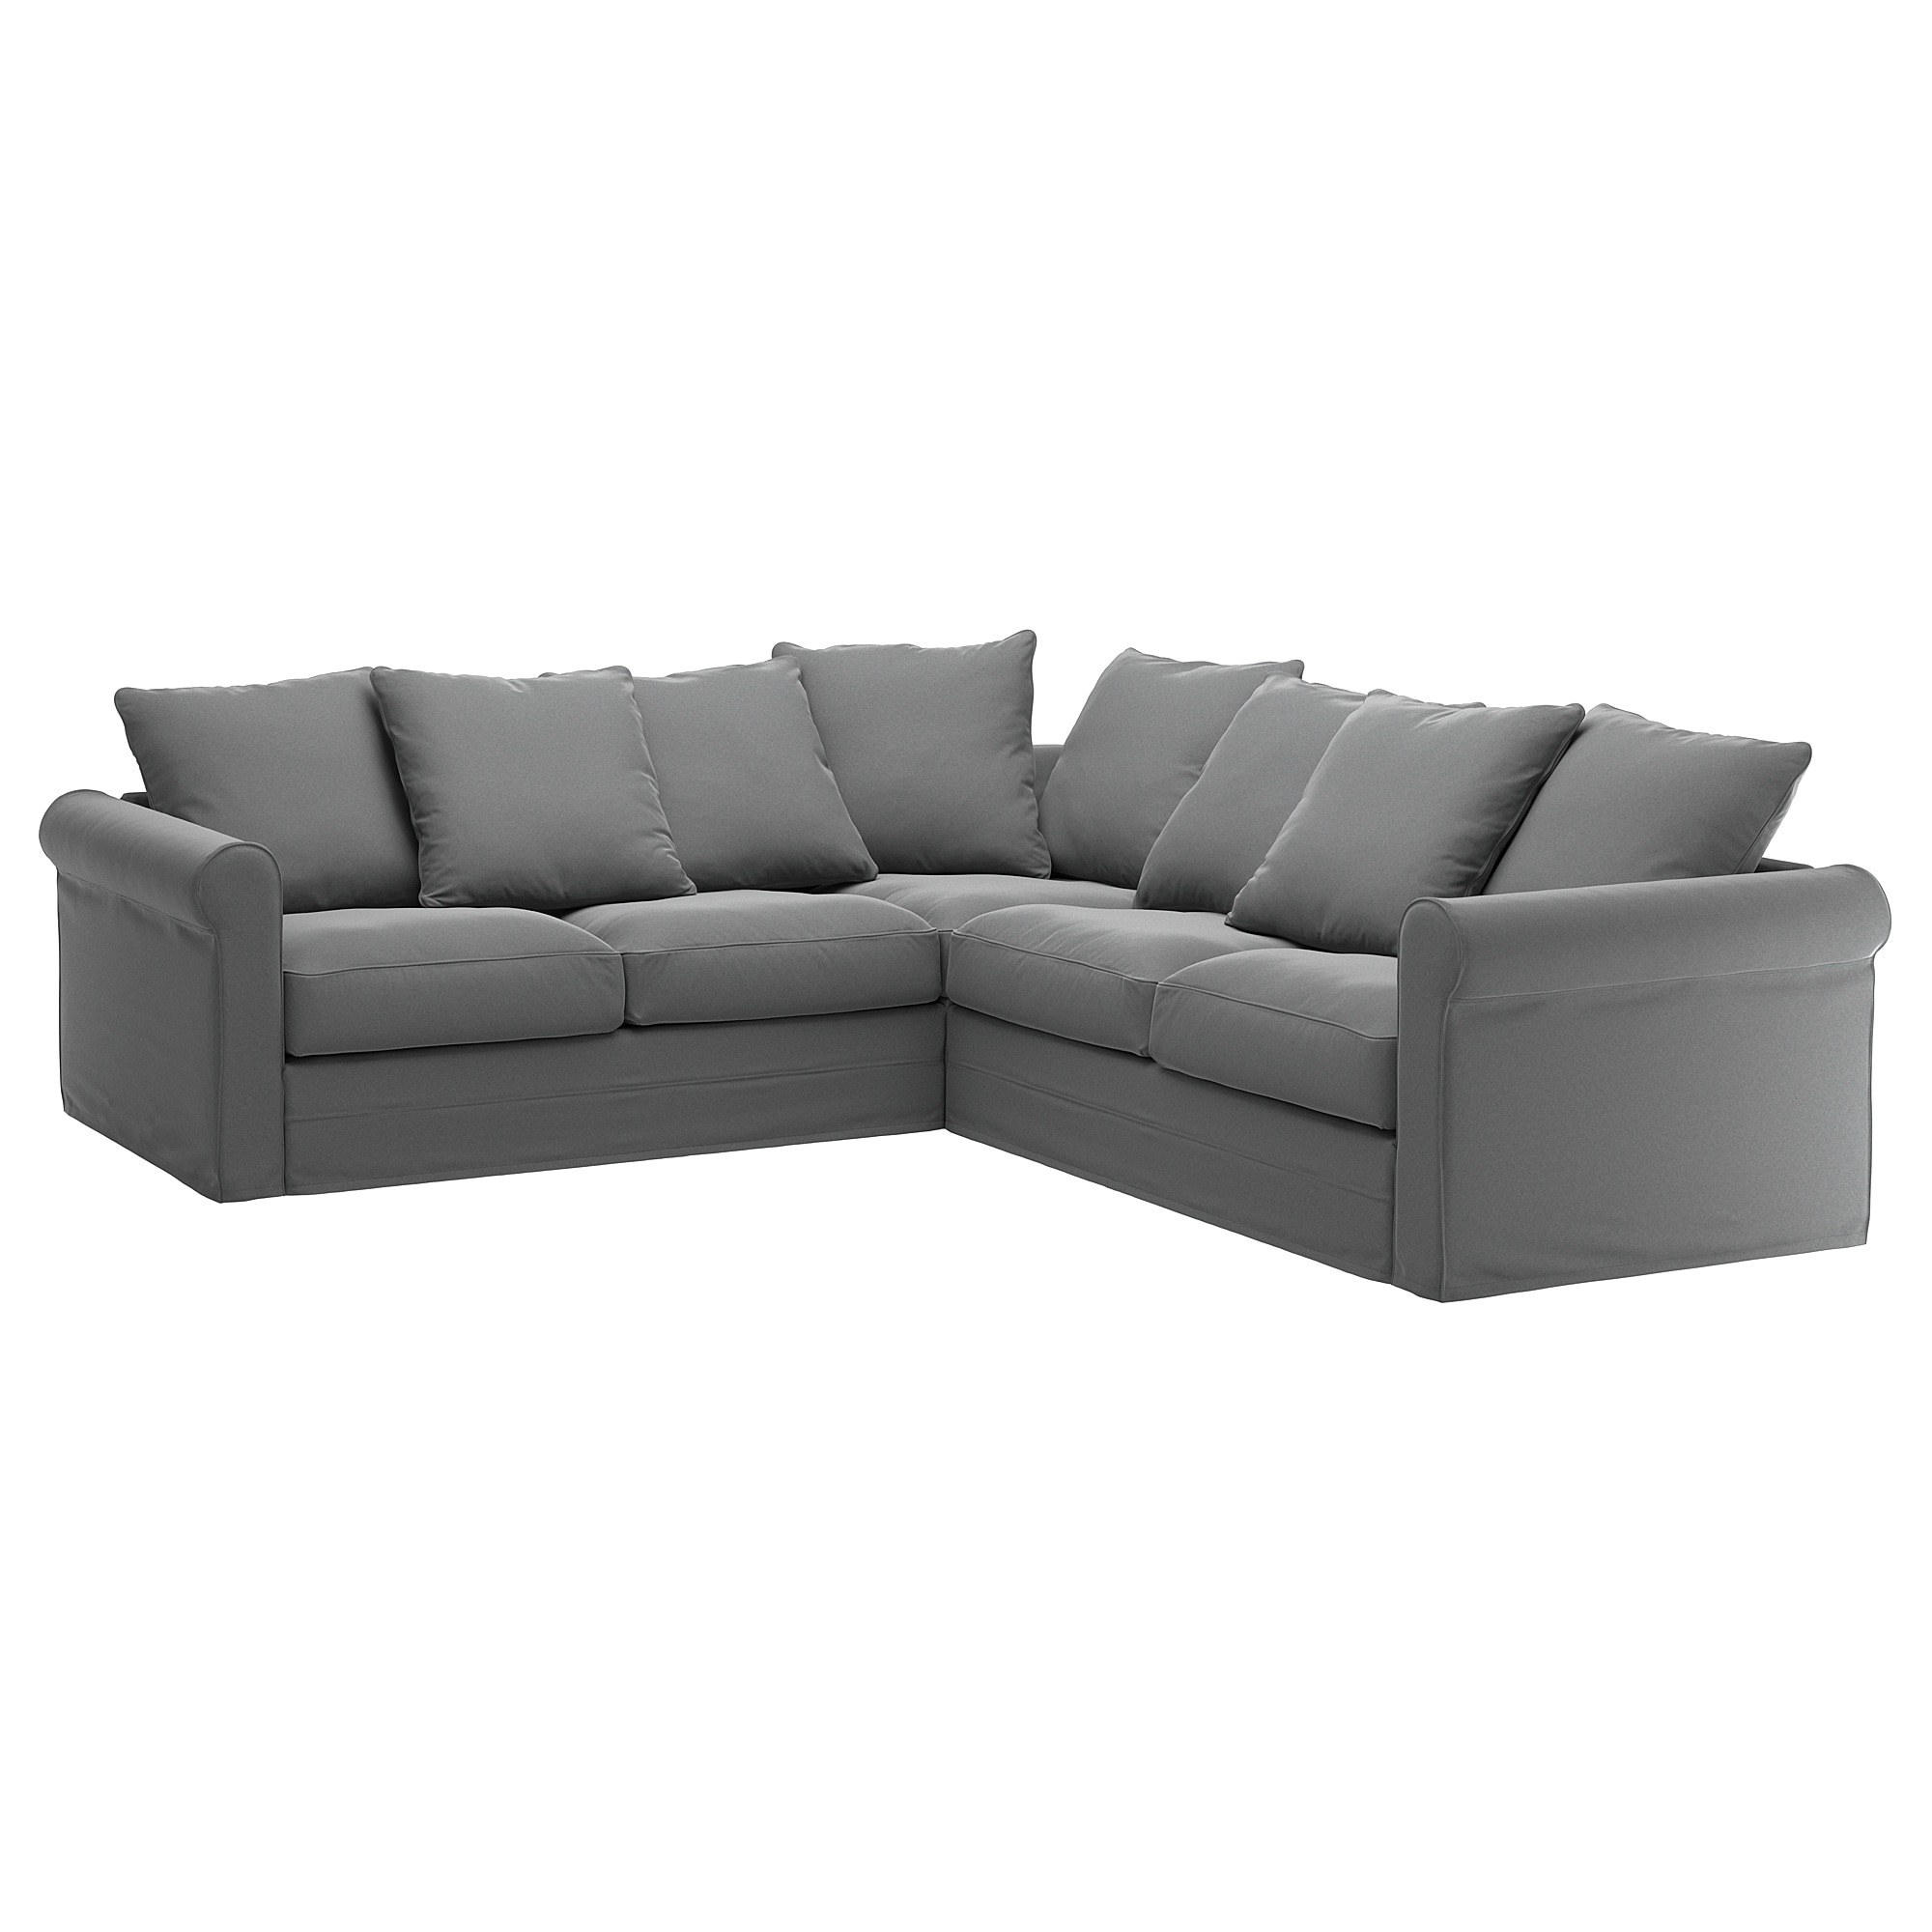 Sofas De Esquina Ftd8 Grà Nlid sofà 4 Plazas Esquina Ljungen Gris Ikea